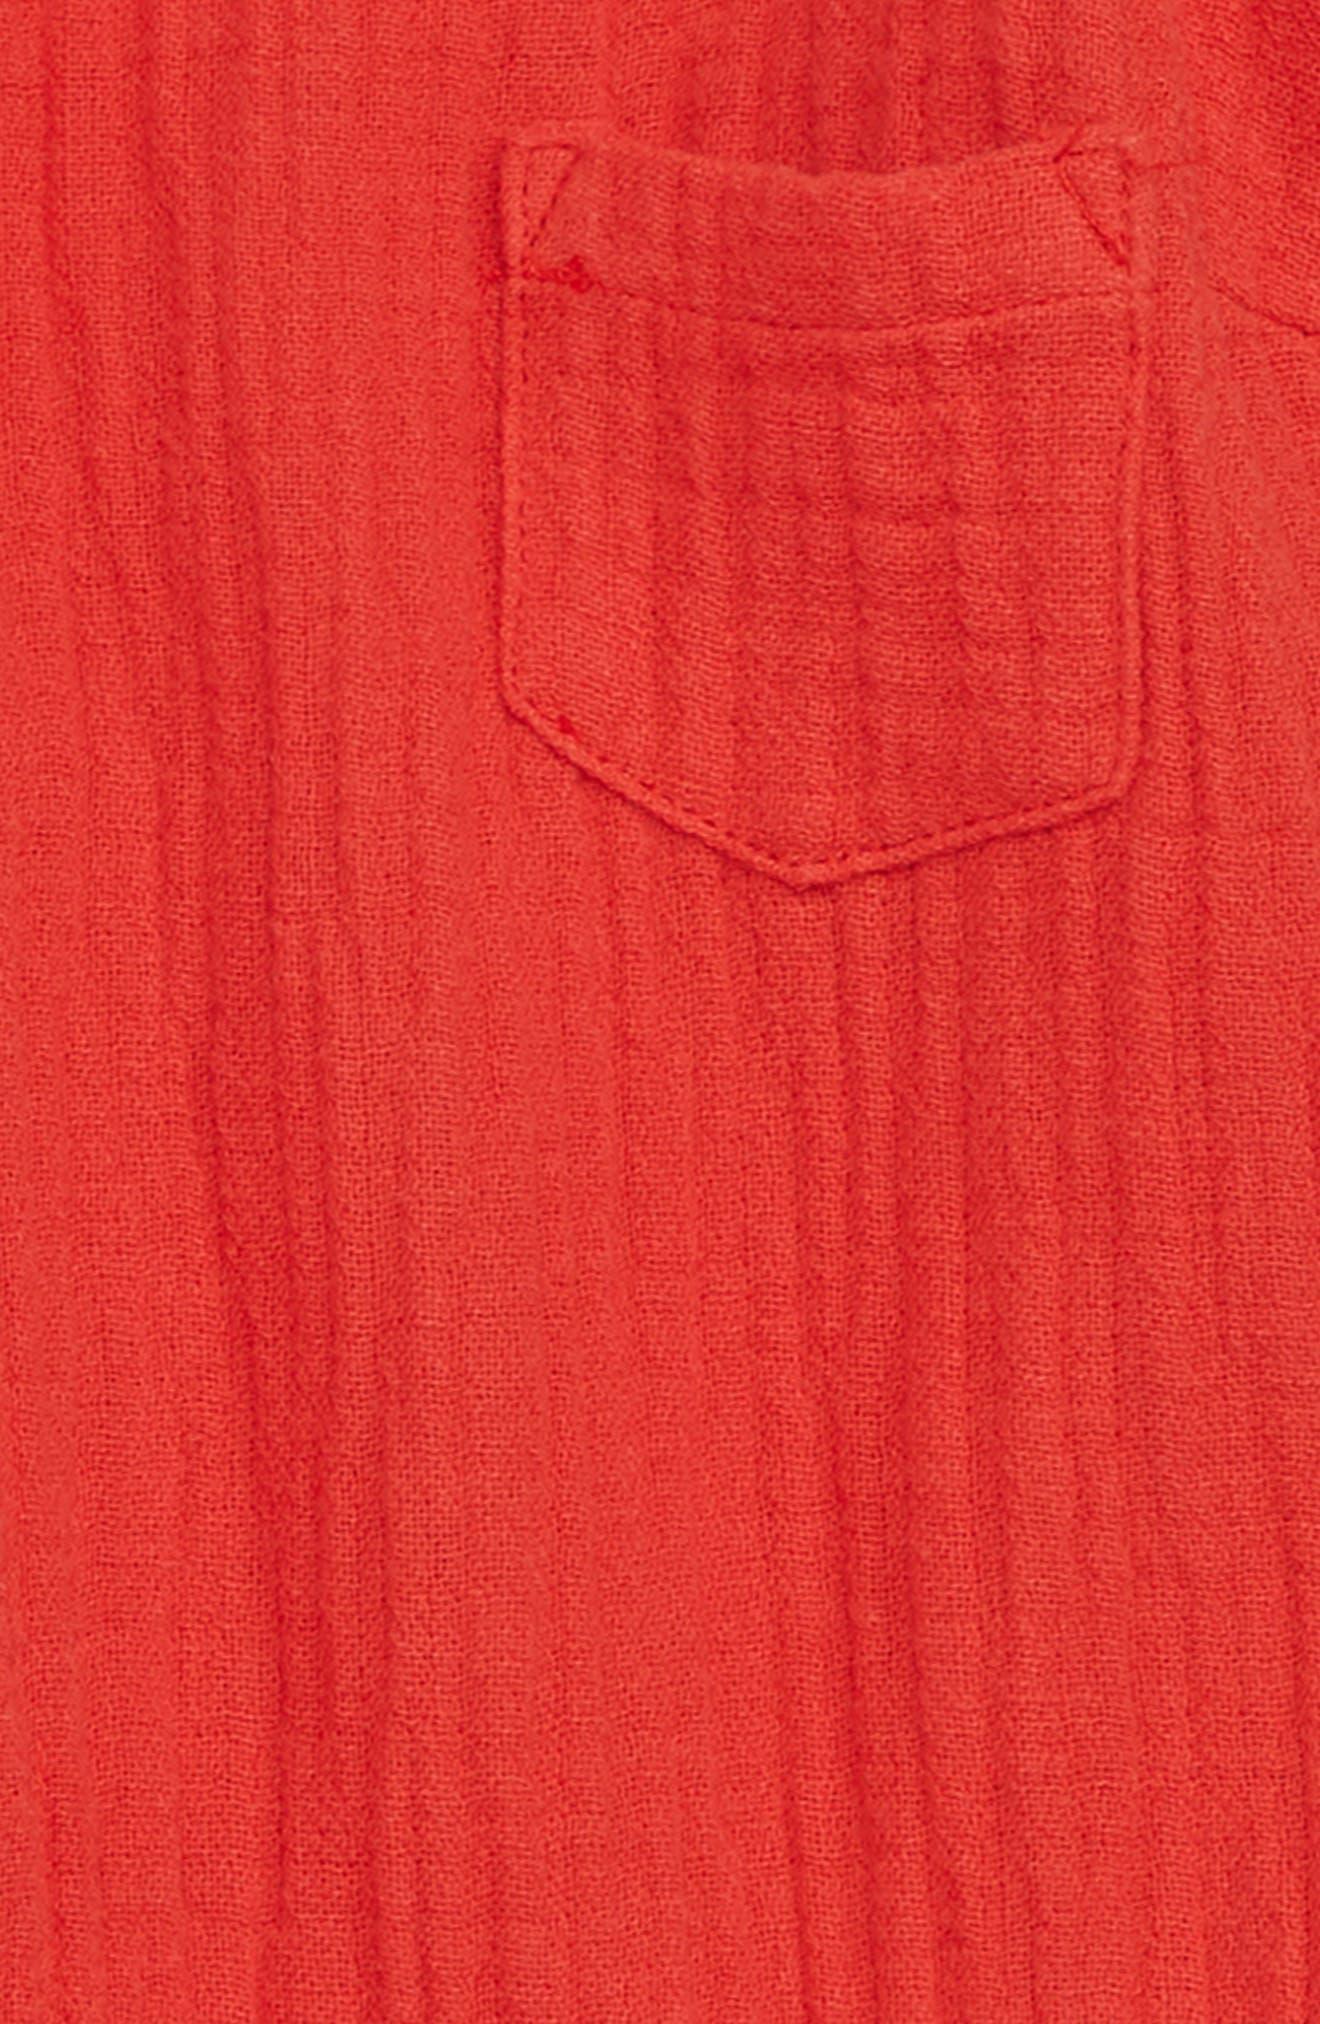 Linen Blend Romper,                             Alternate thumbnail 3, color,                             600